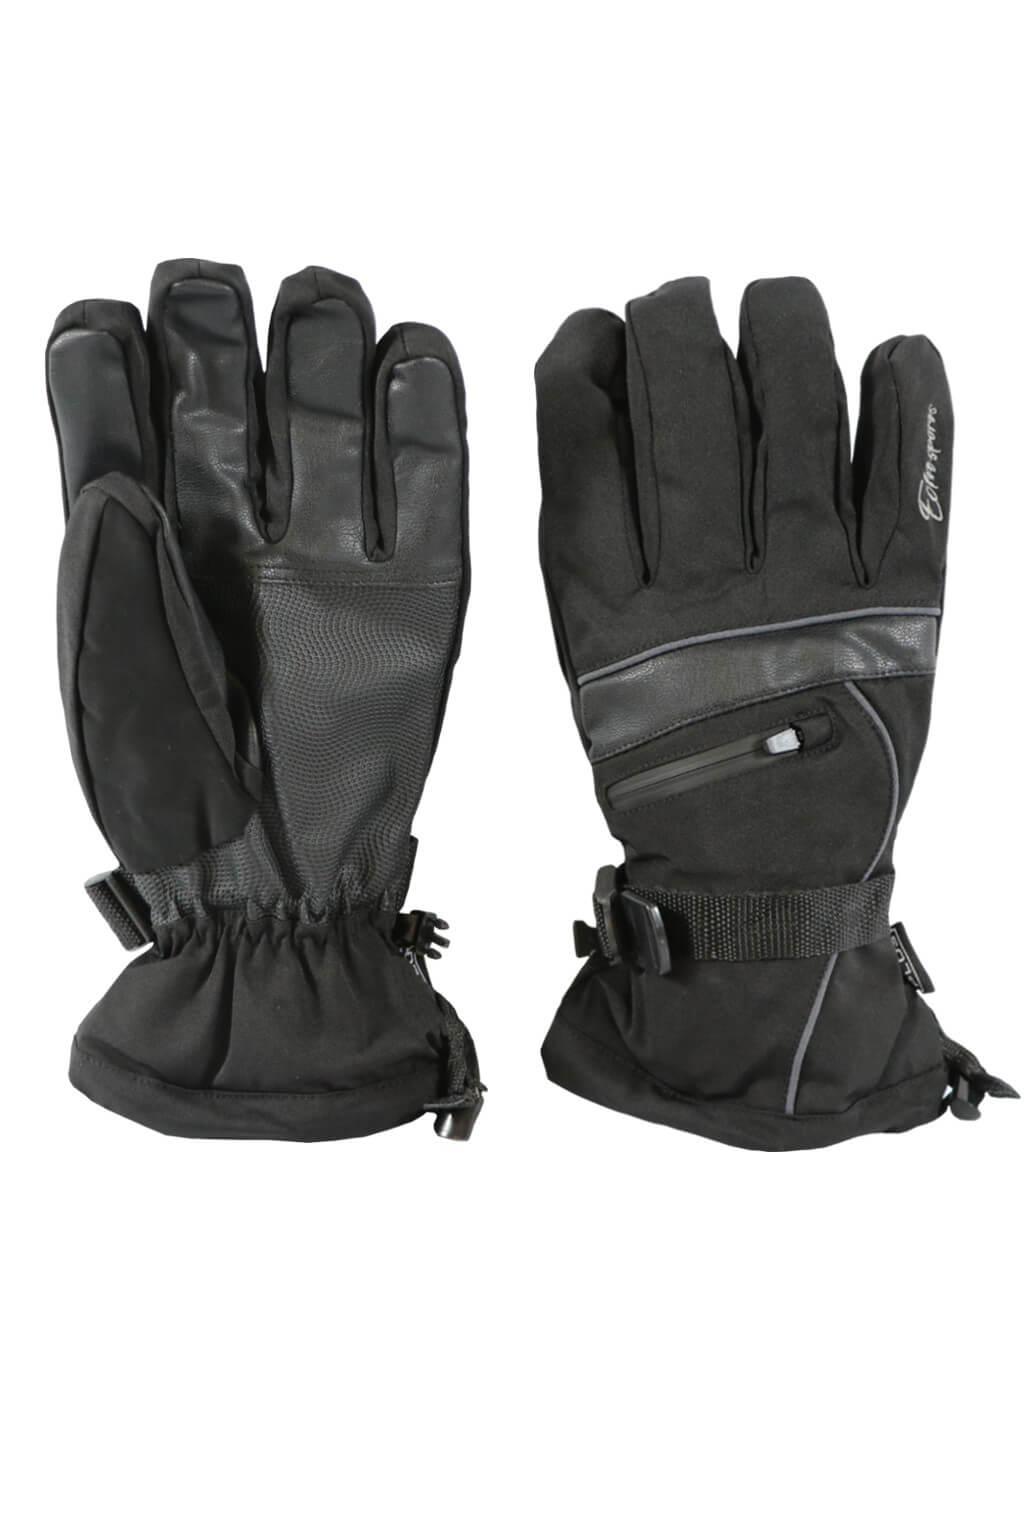 Gloves pánské lyžařské rukavice HX001 L černá 433440165c